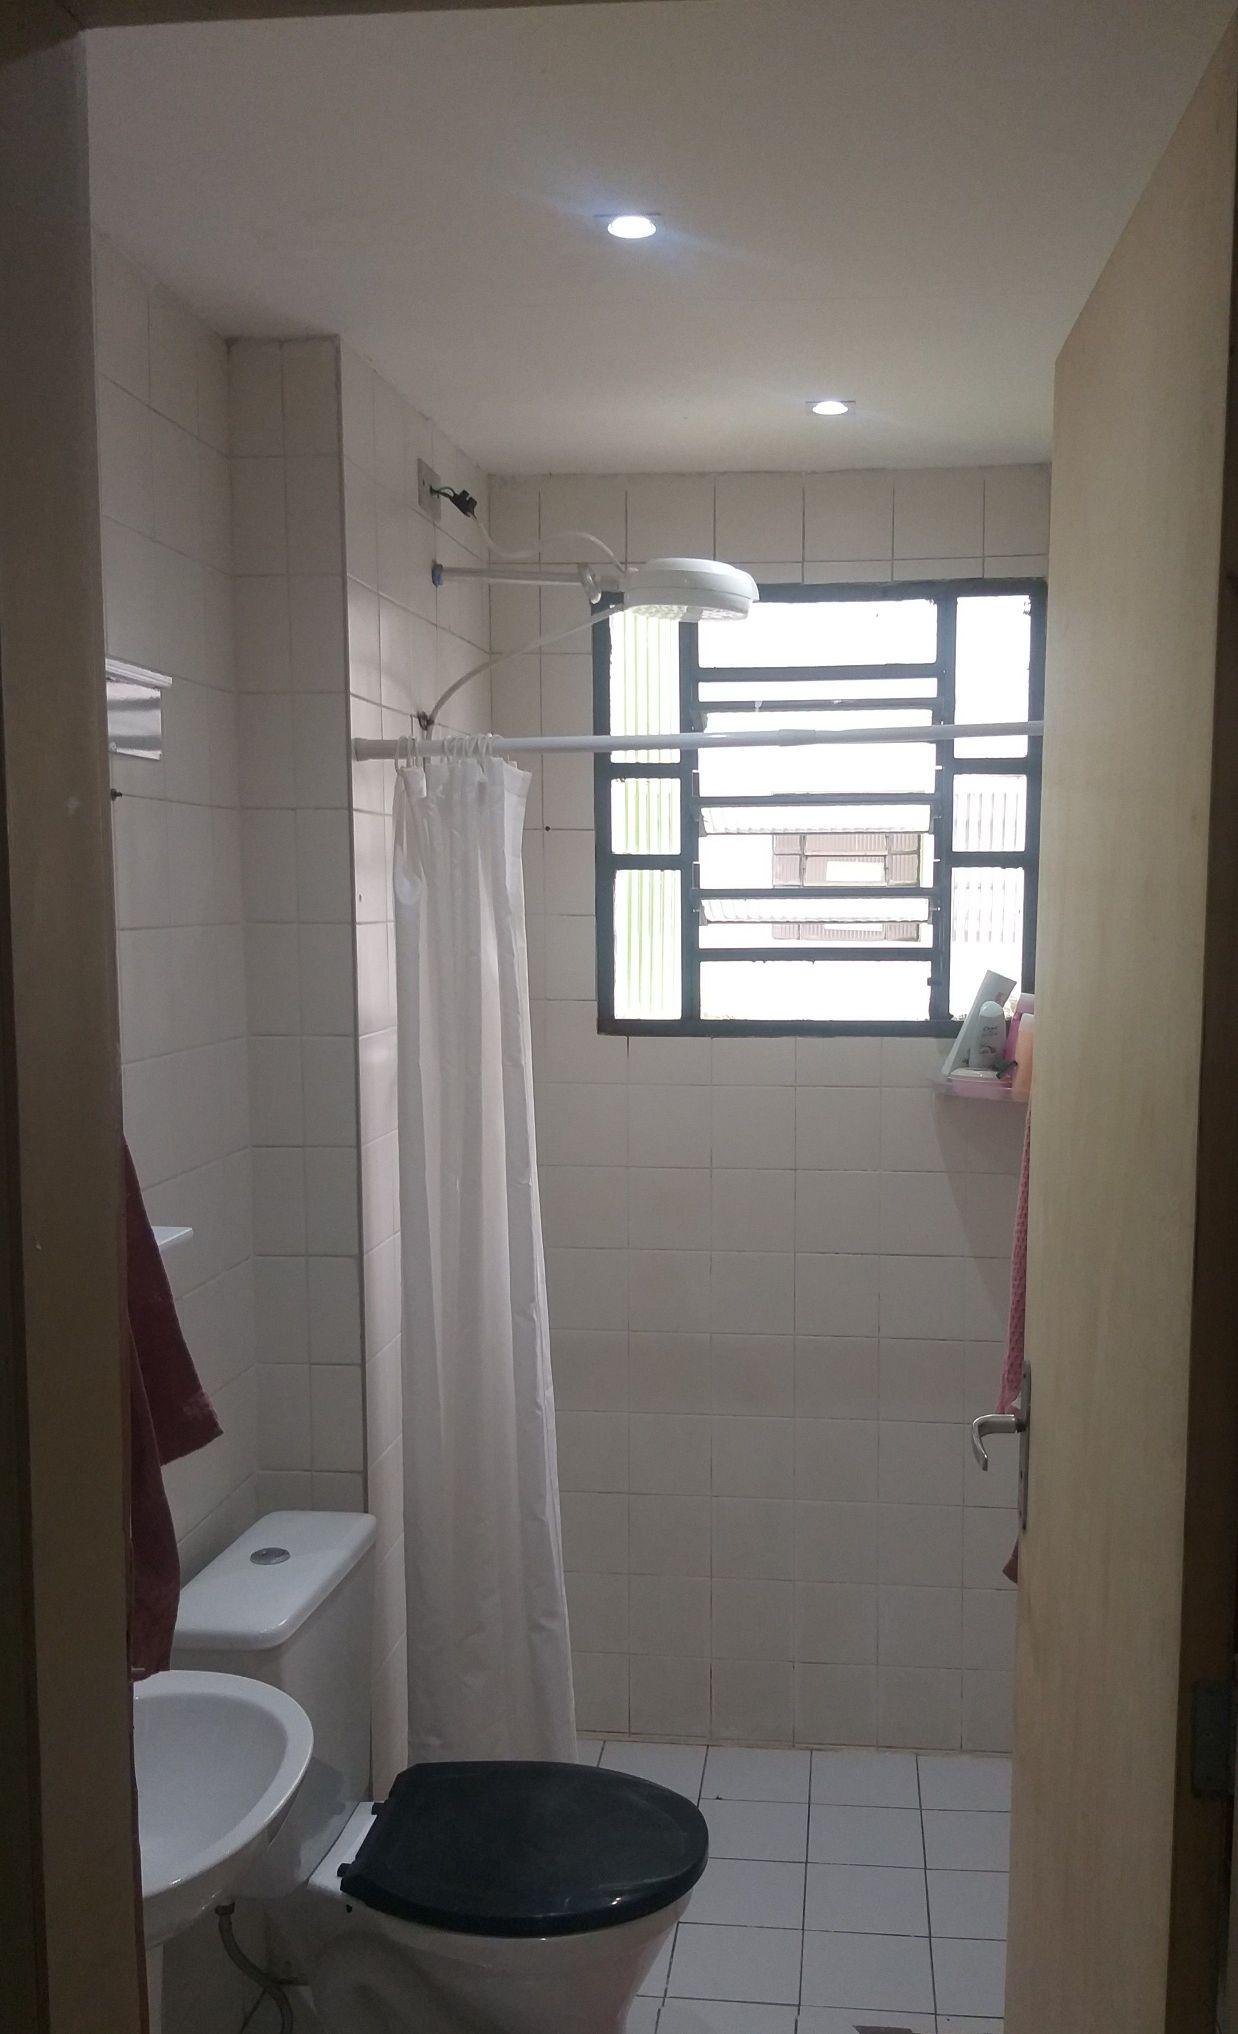 Instalação dicroica led no banheiro